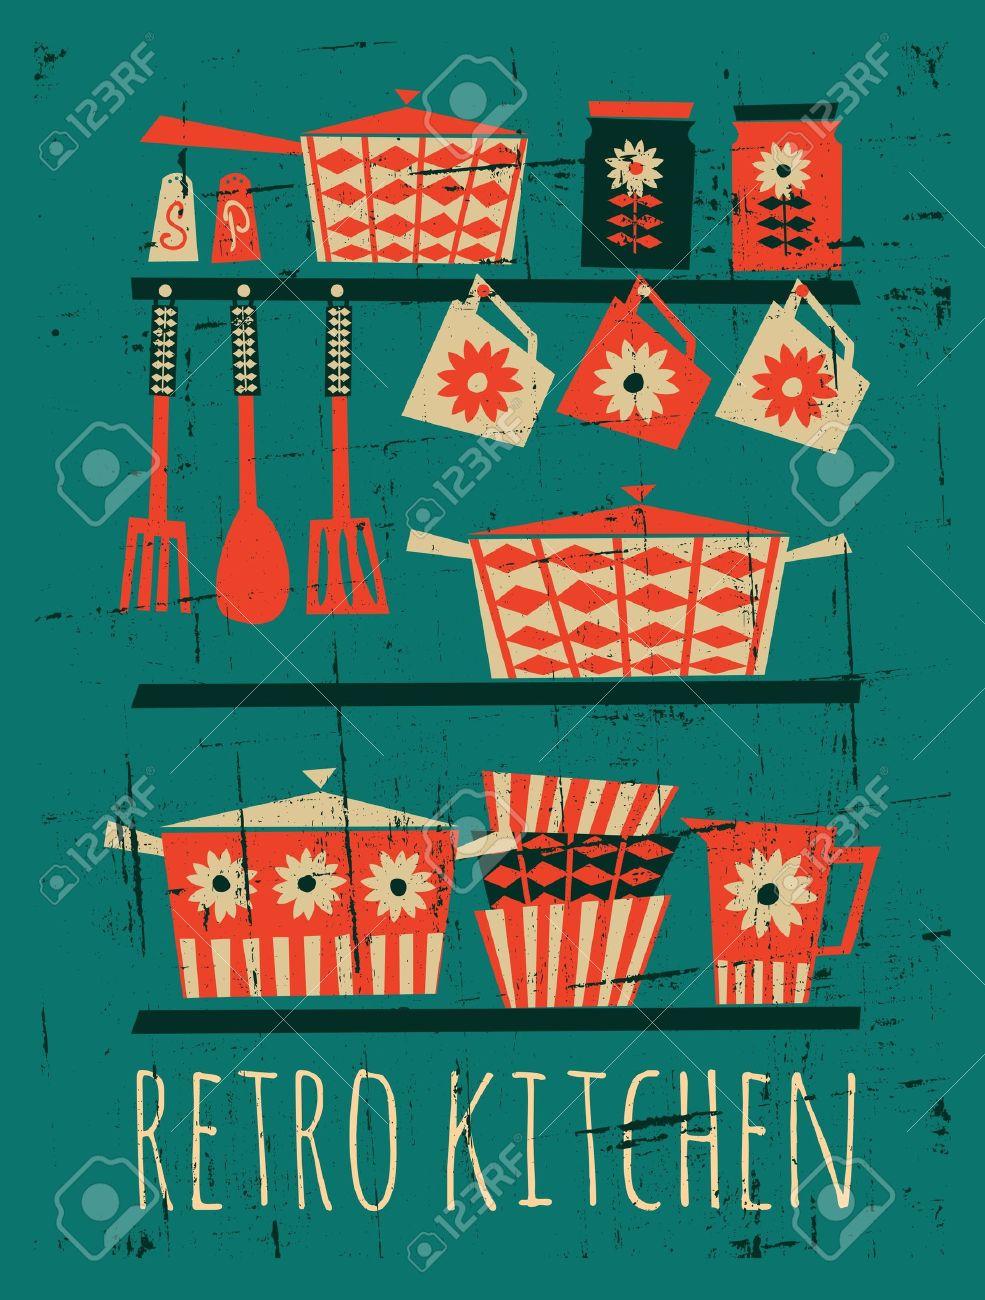 Poster Mit Küche Artikel Im Retro-Stil Lizenzfrei Nutzbare ...